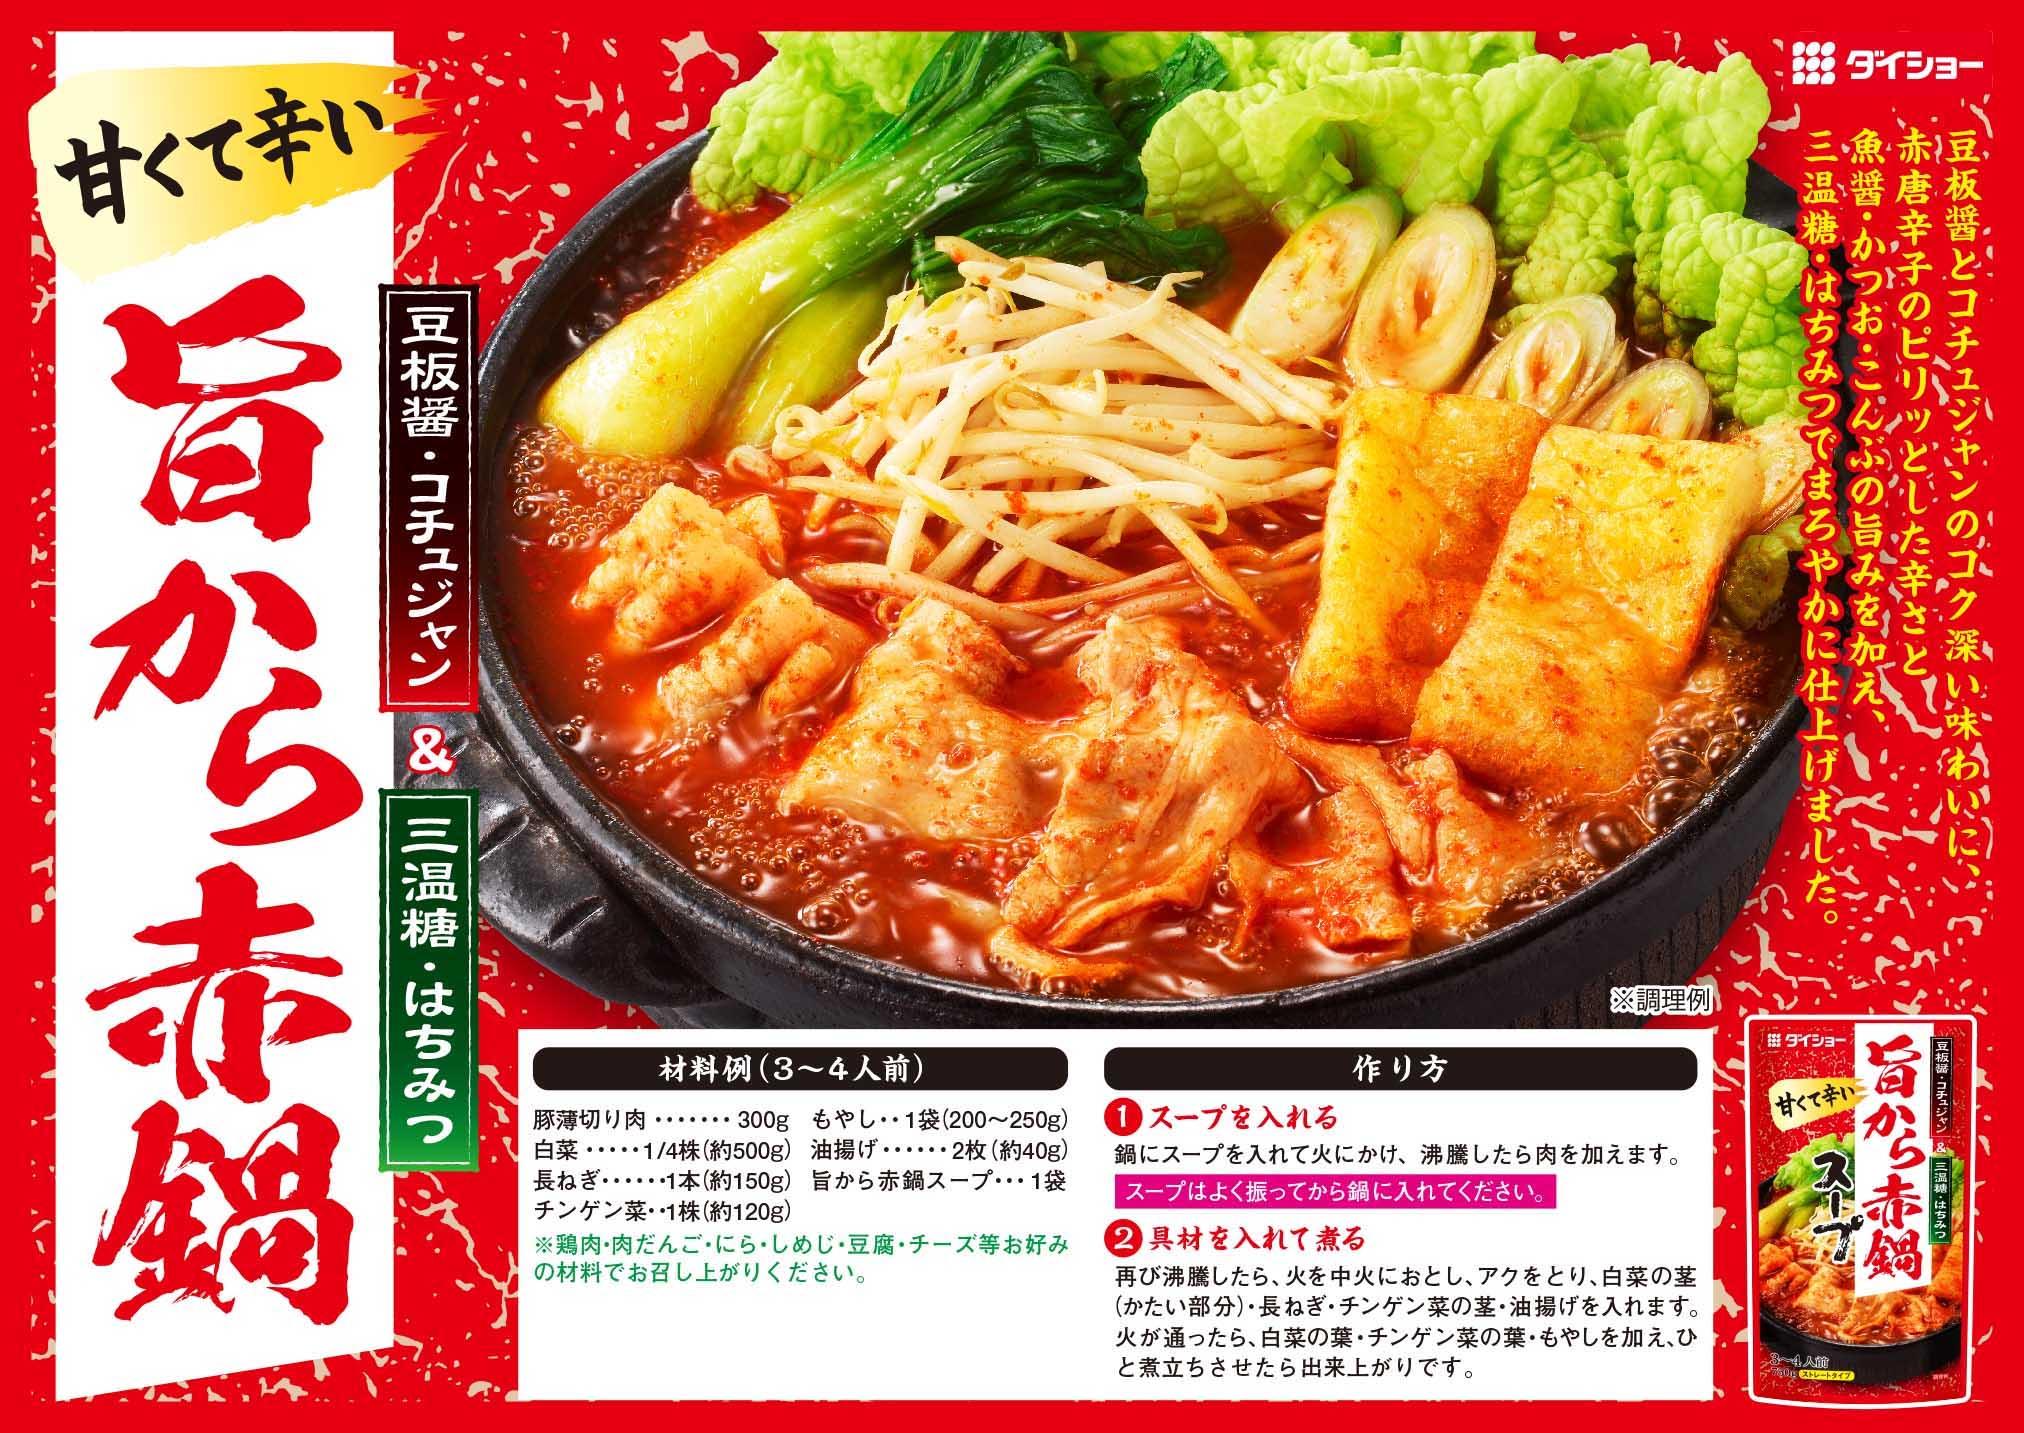 旨から赤鍋スープレシピ